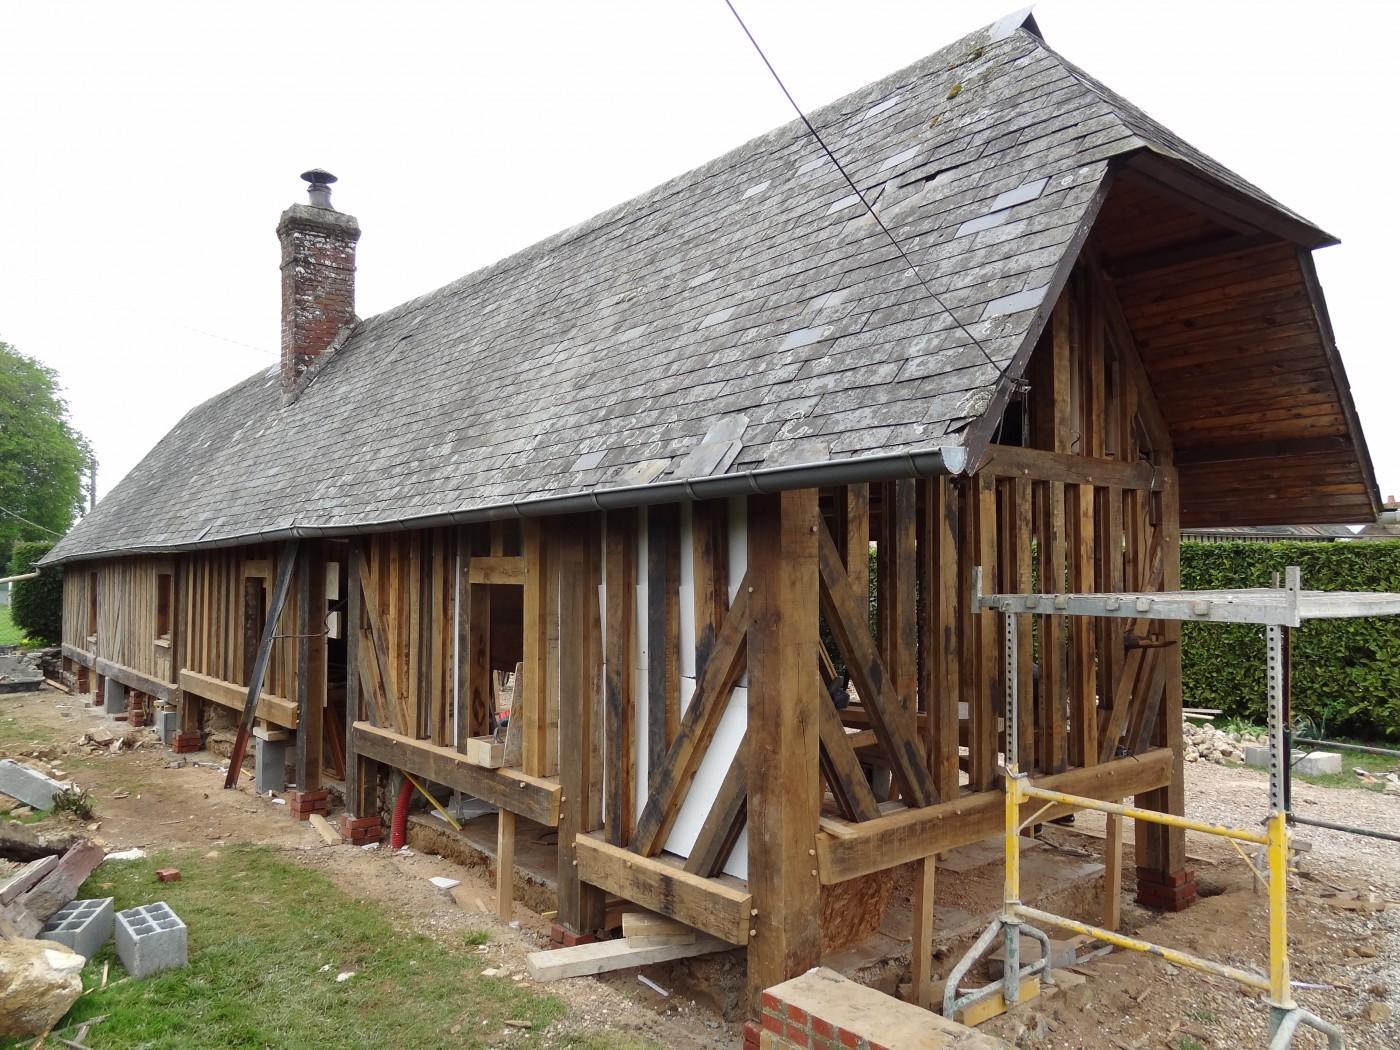 La façade a été reconstituée, les étais enlevés, ce joli patrimoine normand retrouve une seconde vie.